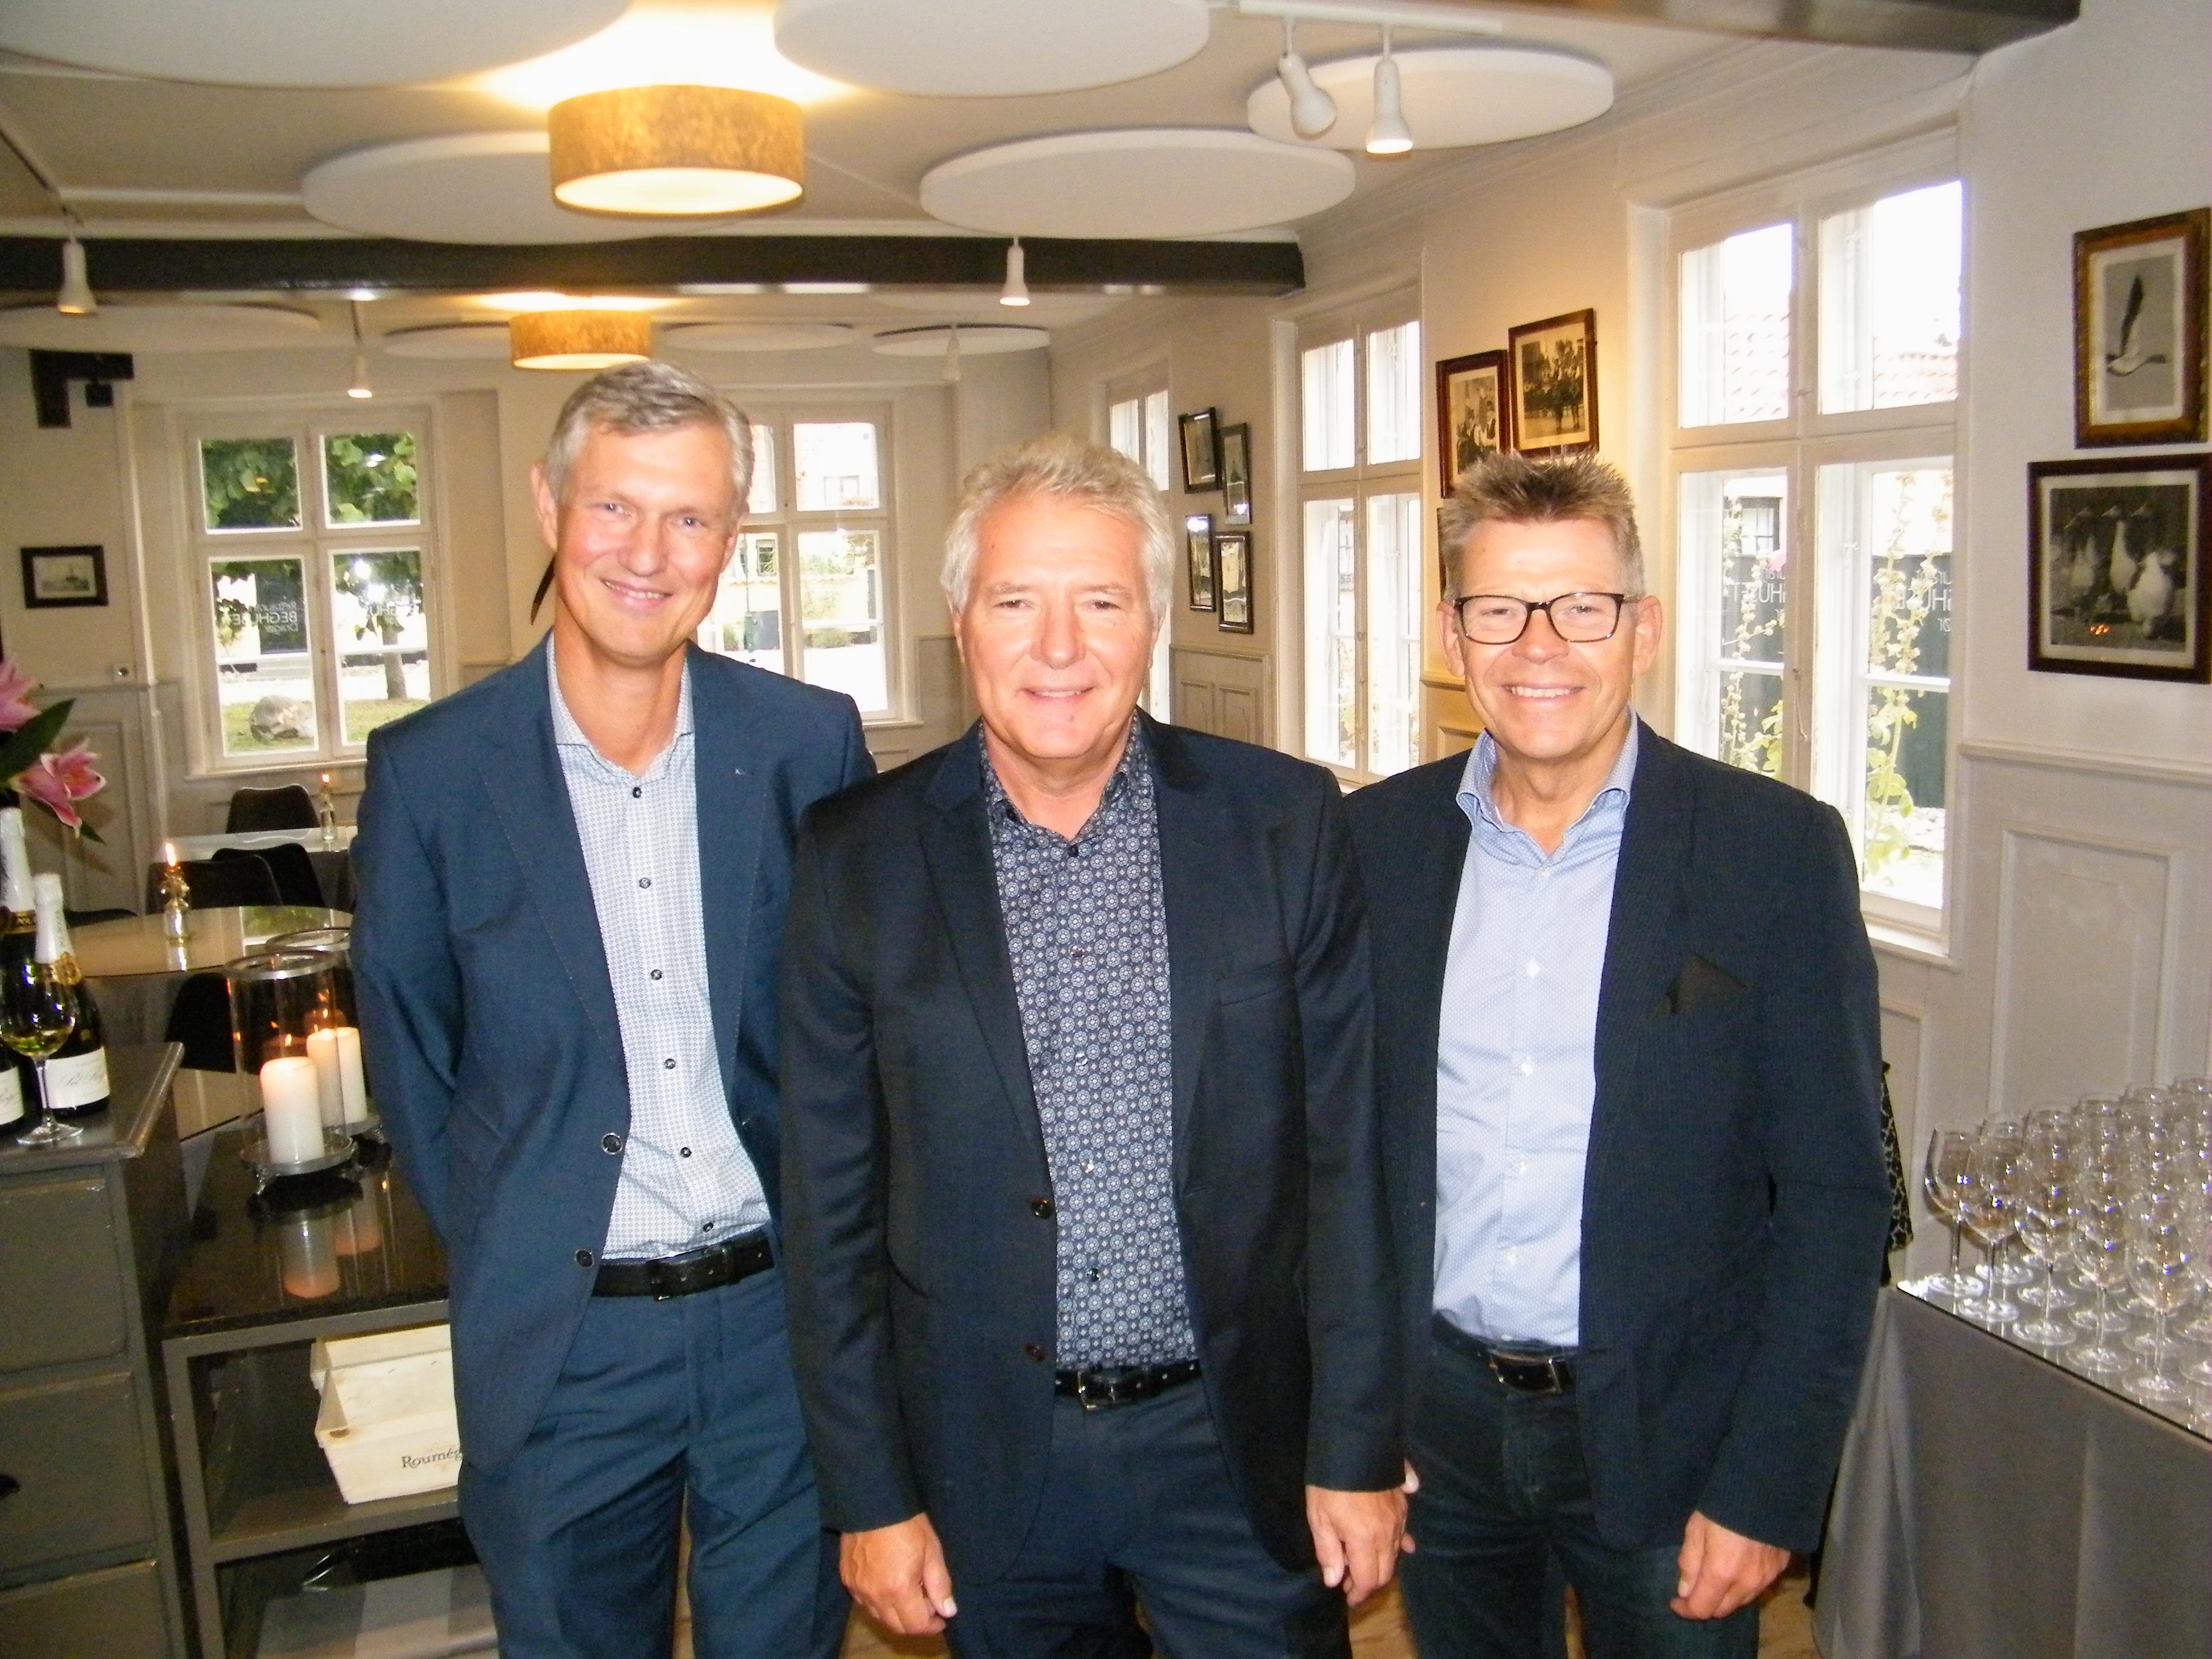 Ved John Alexandersens 25 års jubilæumsreception flankeres dagens hovedperson af Thomas Cook Airlines Scandinavias administrerende direktør, Per Knudsen, til venstre, og administrerende direktør for TCAS' største kunde i Danmark, Jan Vendelbo fra Spies. Foto: Henrik Baumgarten.